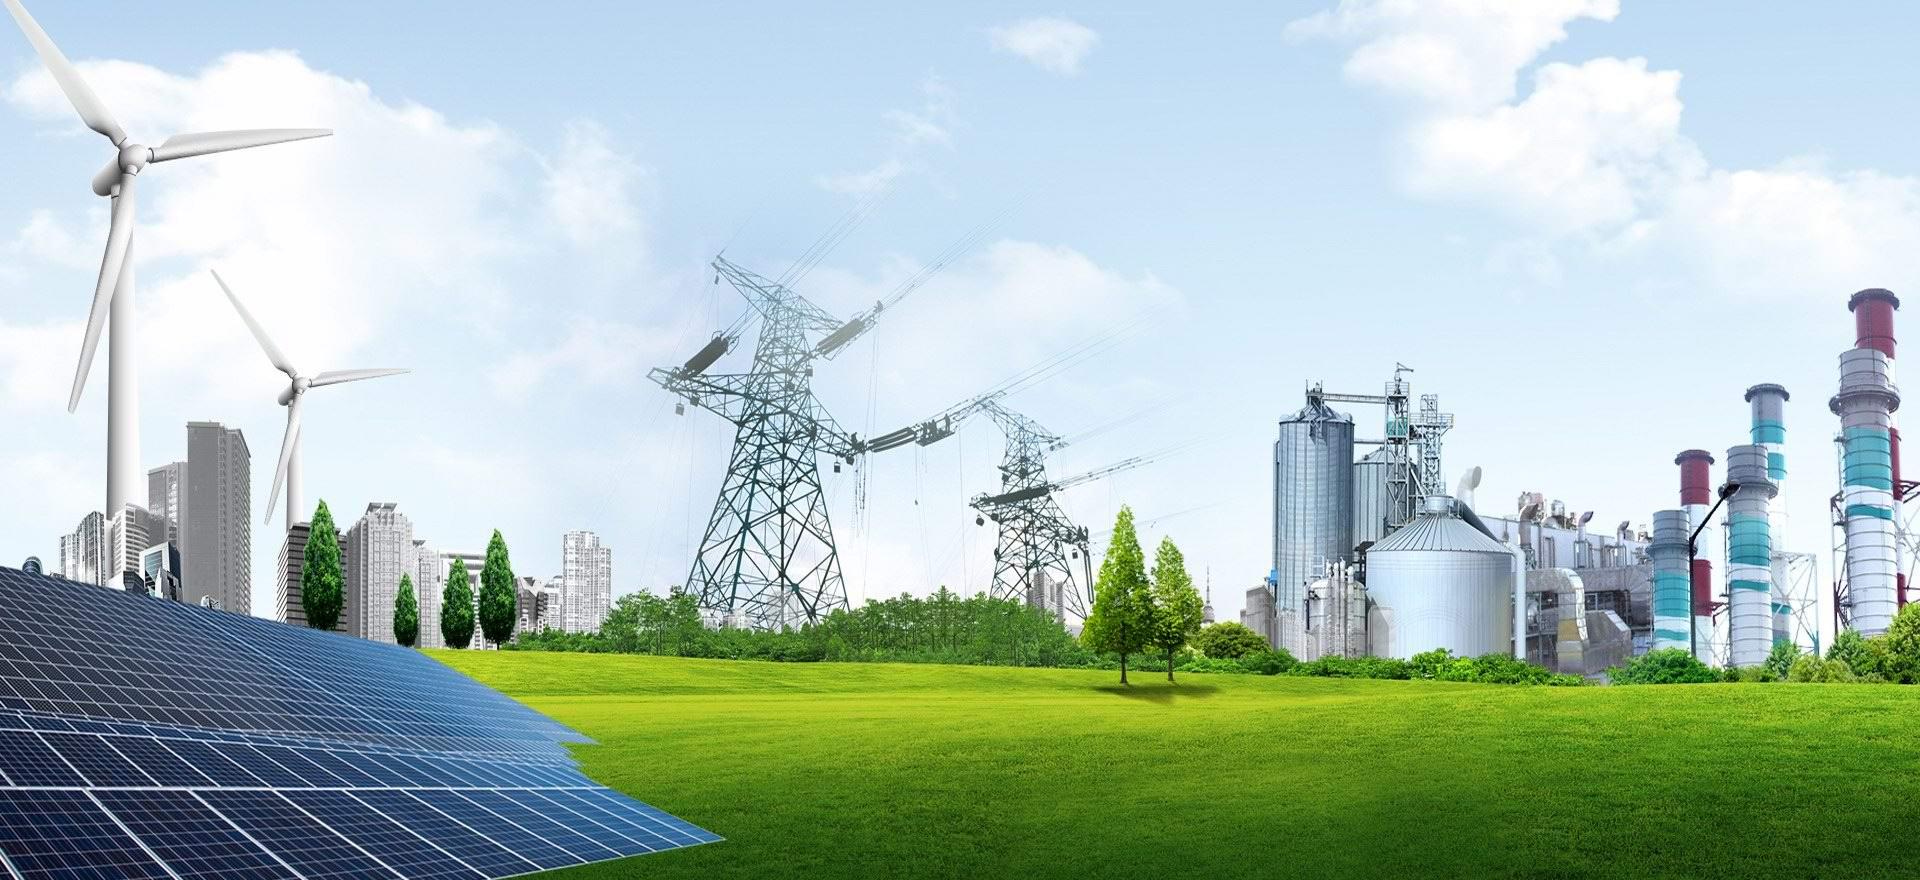 绿色能源光伏系统解决方案